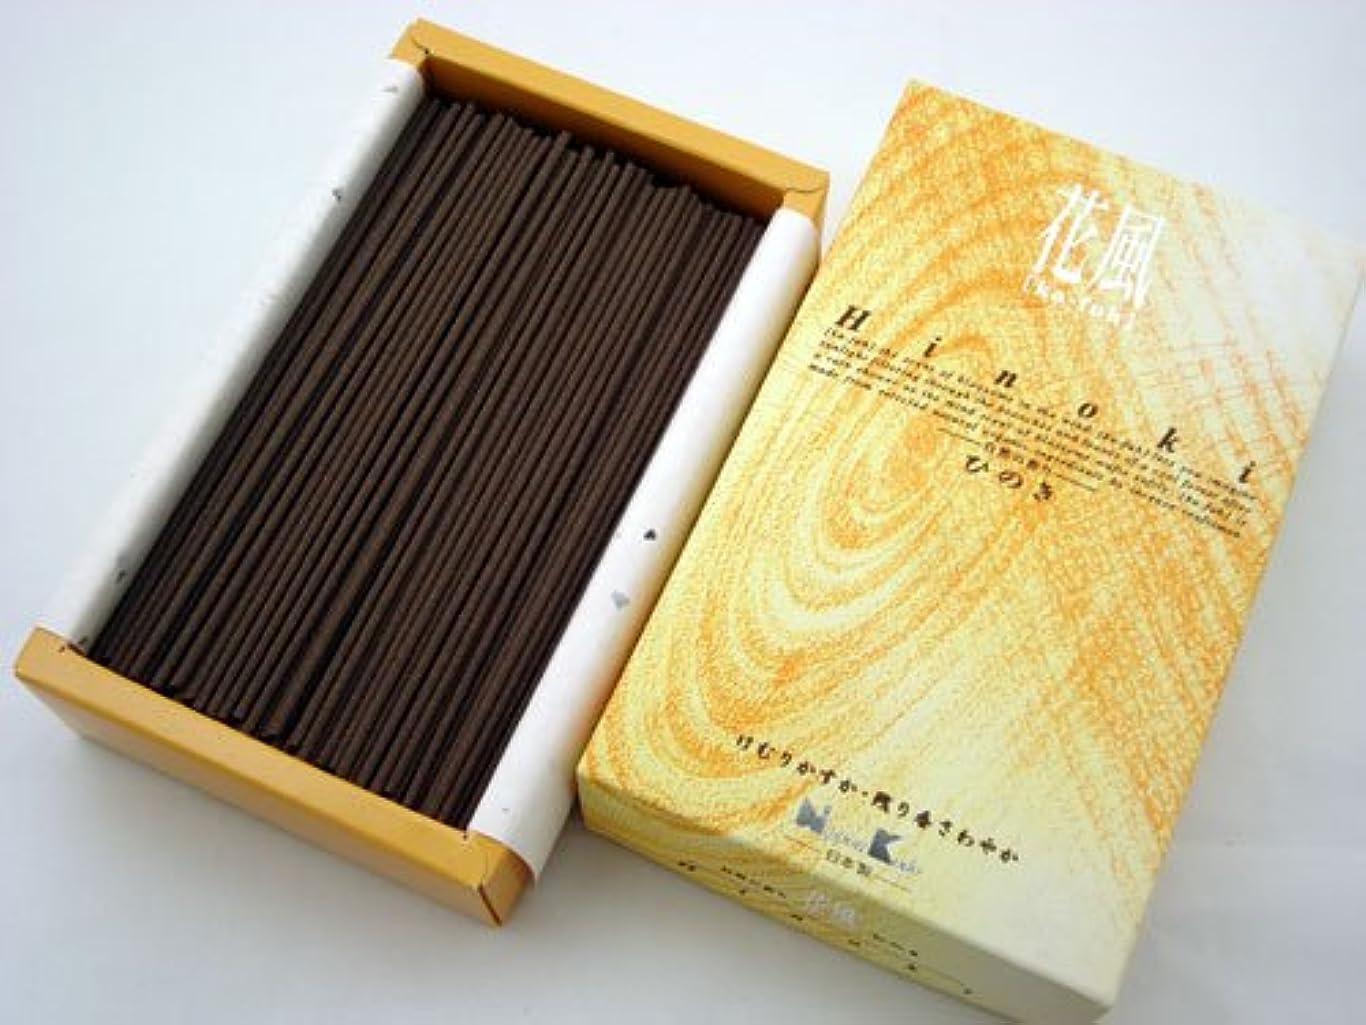 小説治安判事句日本香堂 微煙線香【花風(かふう) ひのき】 バラ詰大箱